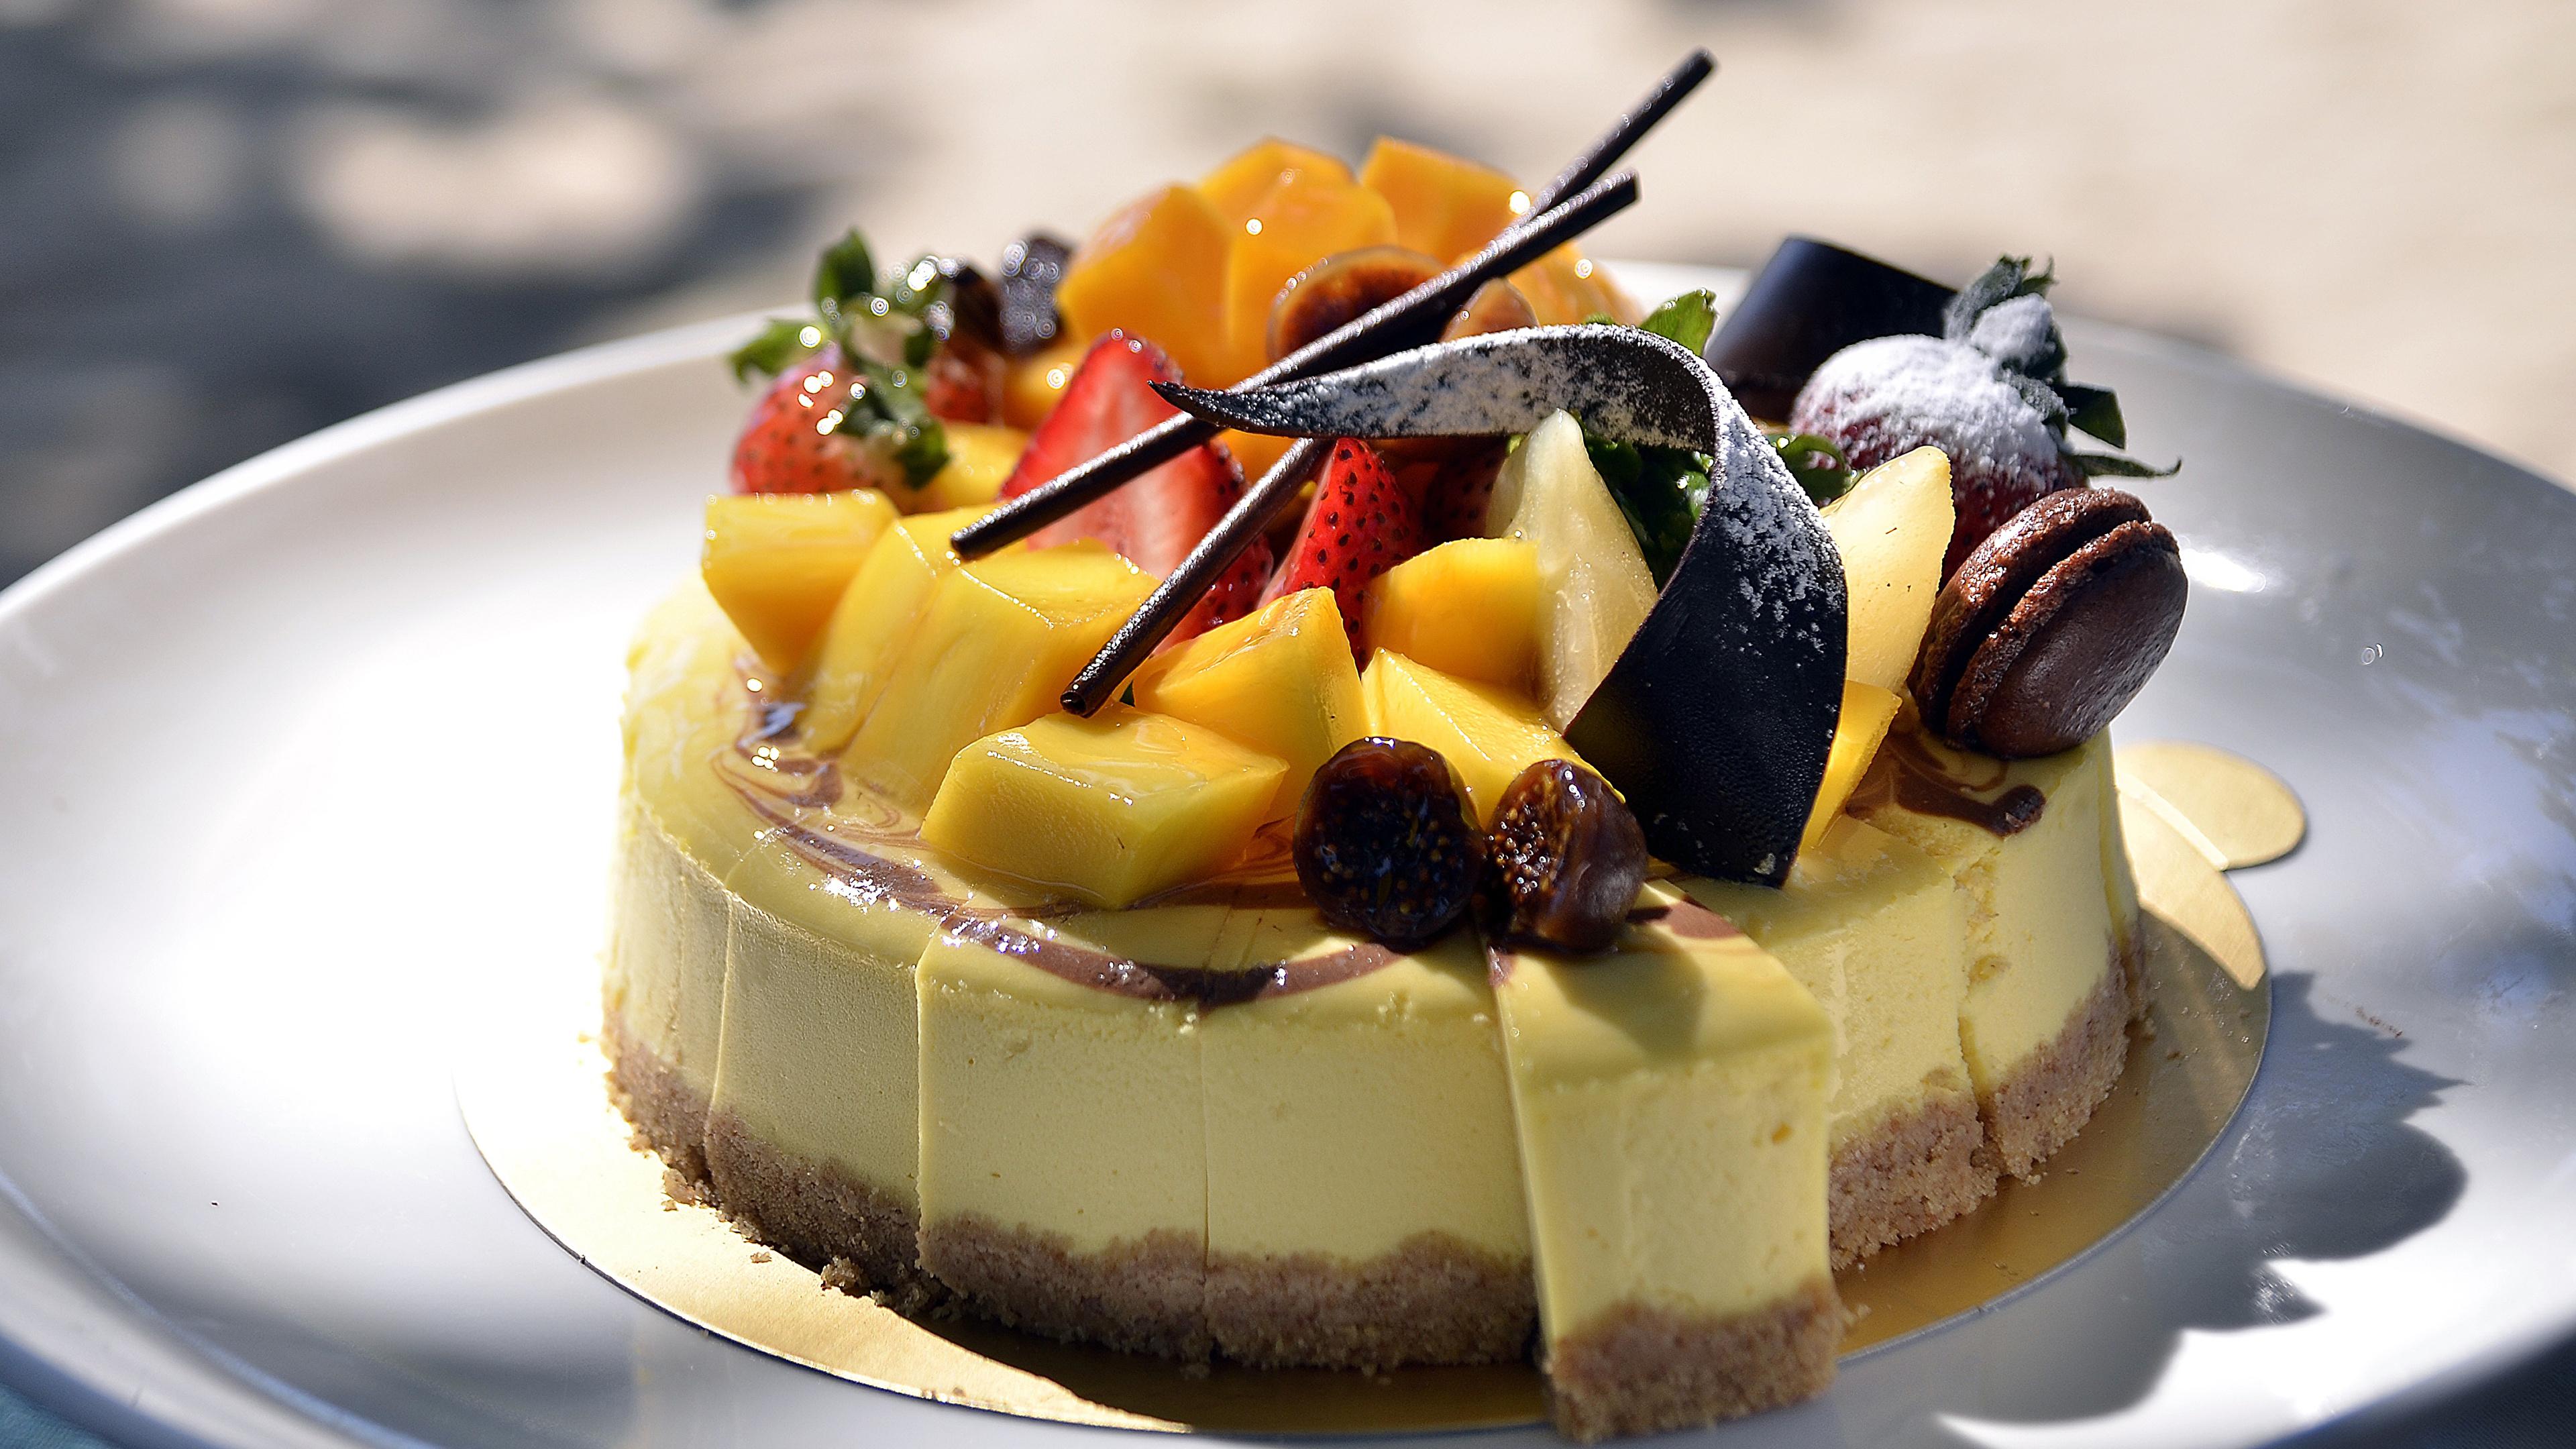 Картинка Шоколад Торты Фрукты Продукты питания Сладости 3840x2160 Еда Пища сладкая еда